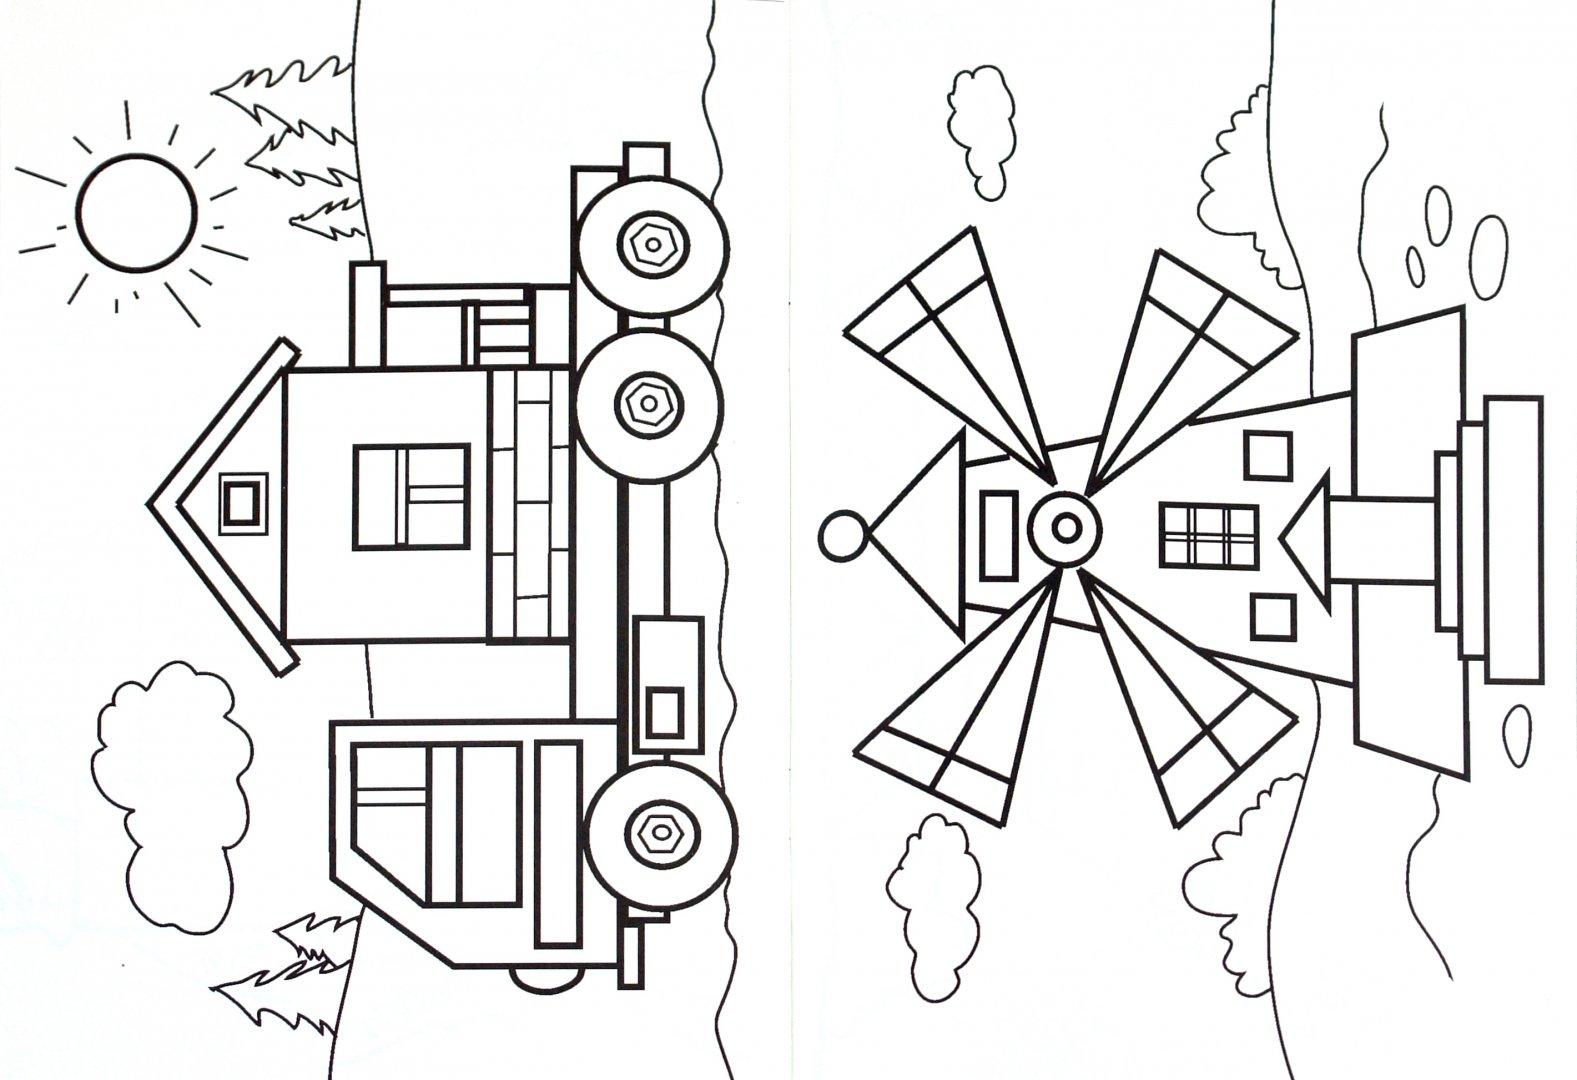 Иллюстрация 1 из 14 для Город из фигурок | Лабиринт - книги. Источник: Лабиринт